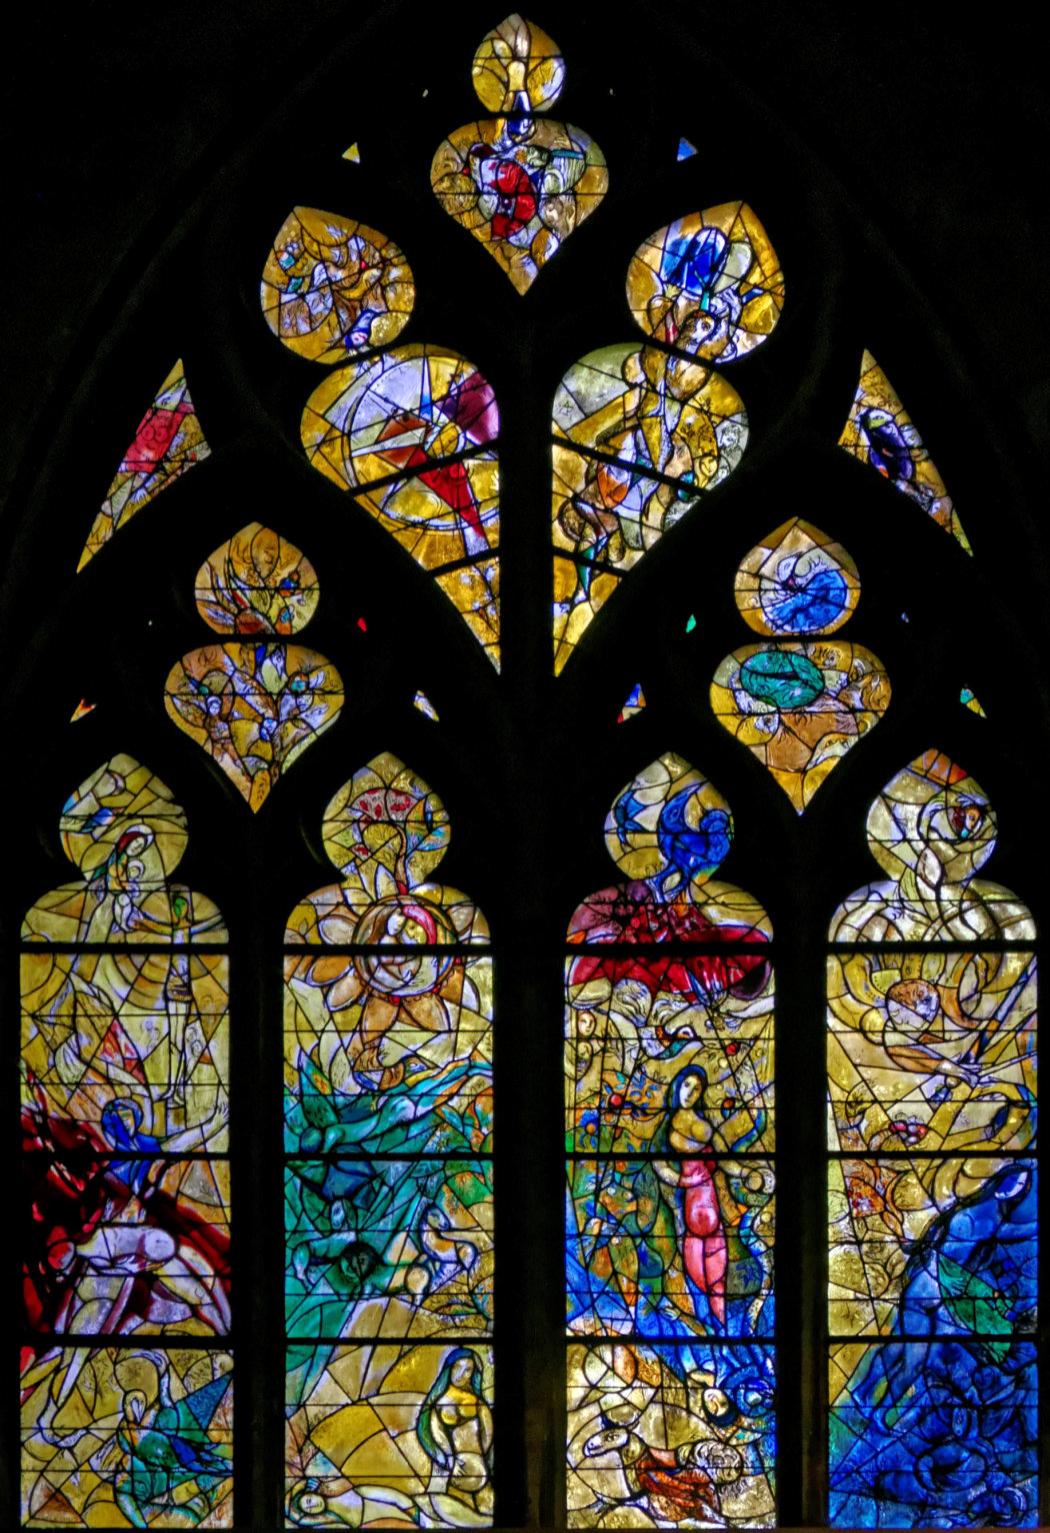 Vitraux Metz vitraux de la cathédrale de metz en moselle marc chagall